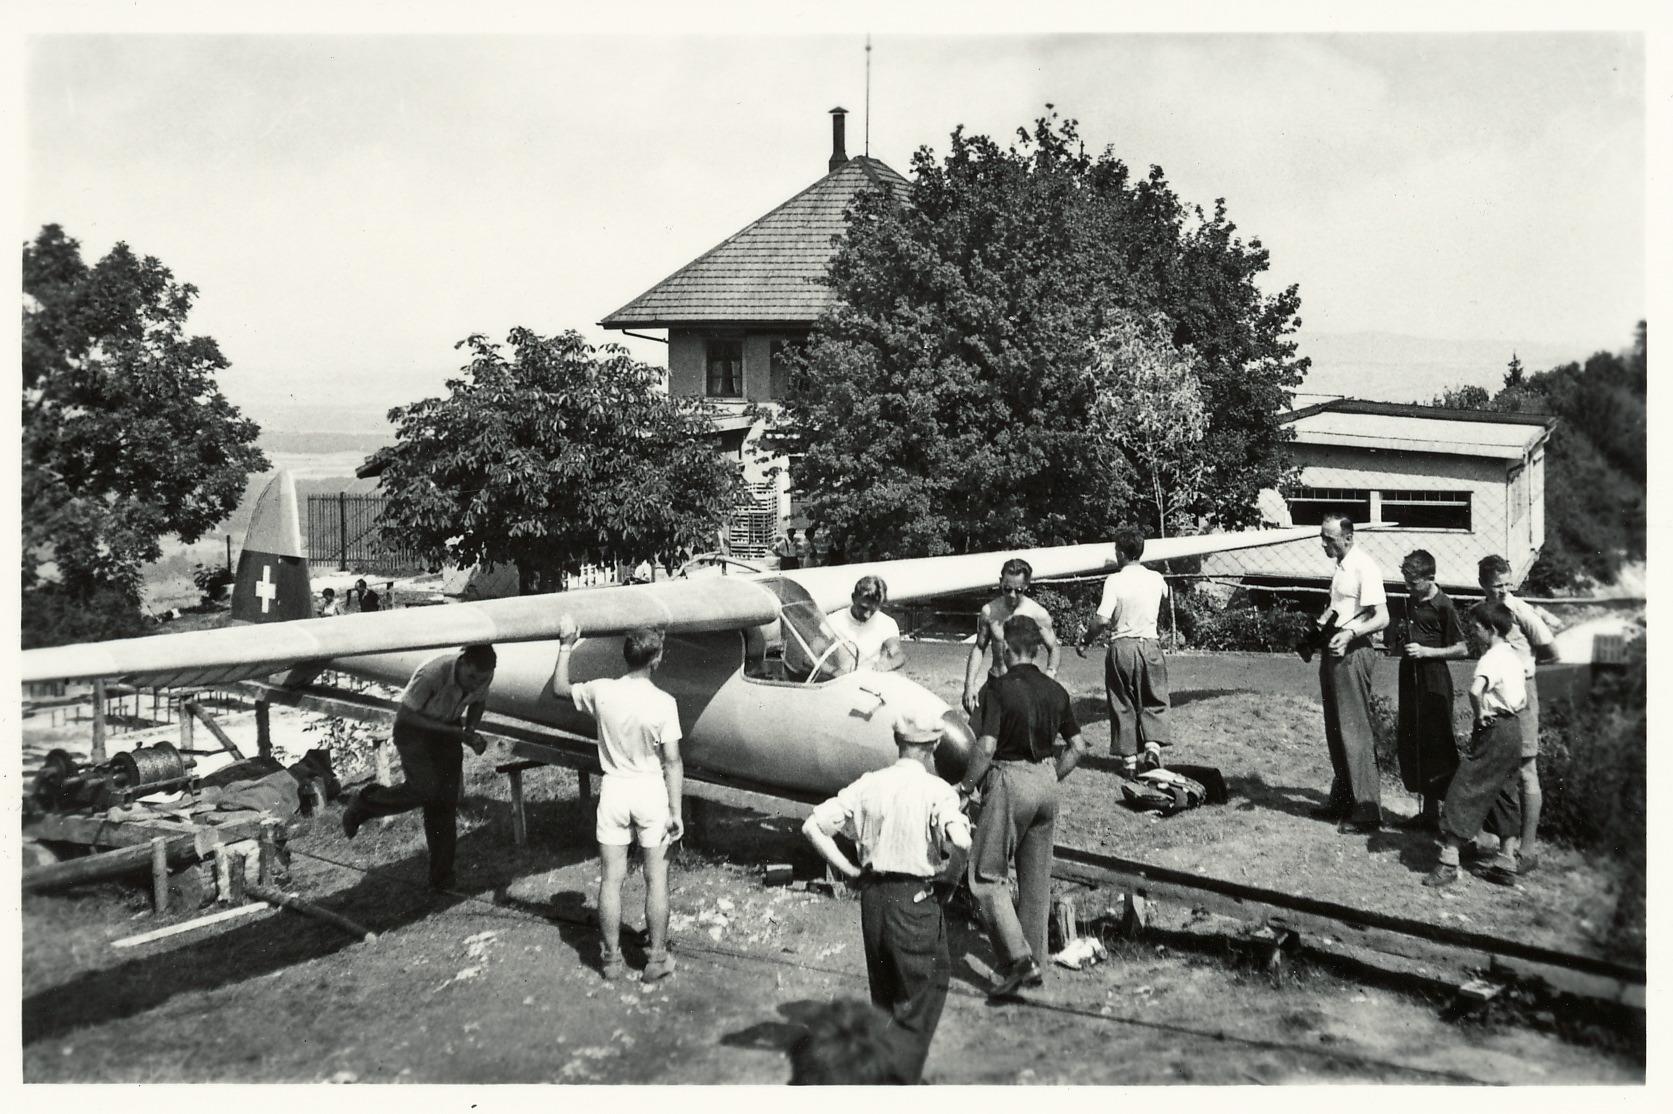 Segelflugkatapult bis ca. 1947 auf Lägern Hochwacht::Foto H. Schmidli, Baden